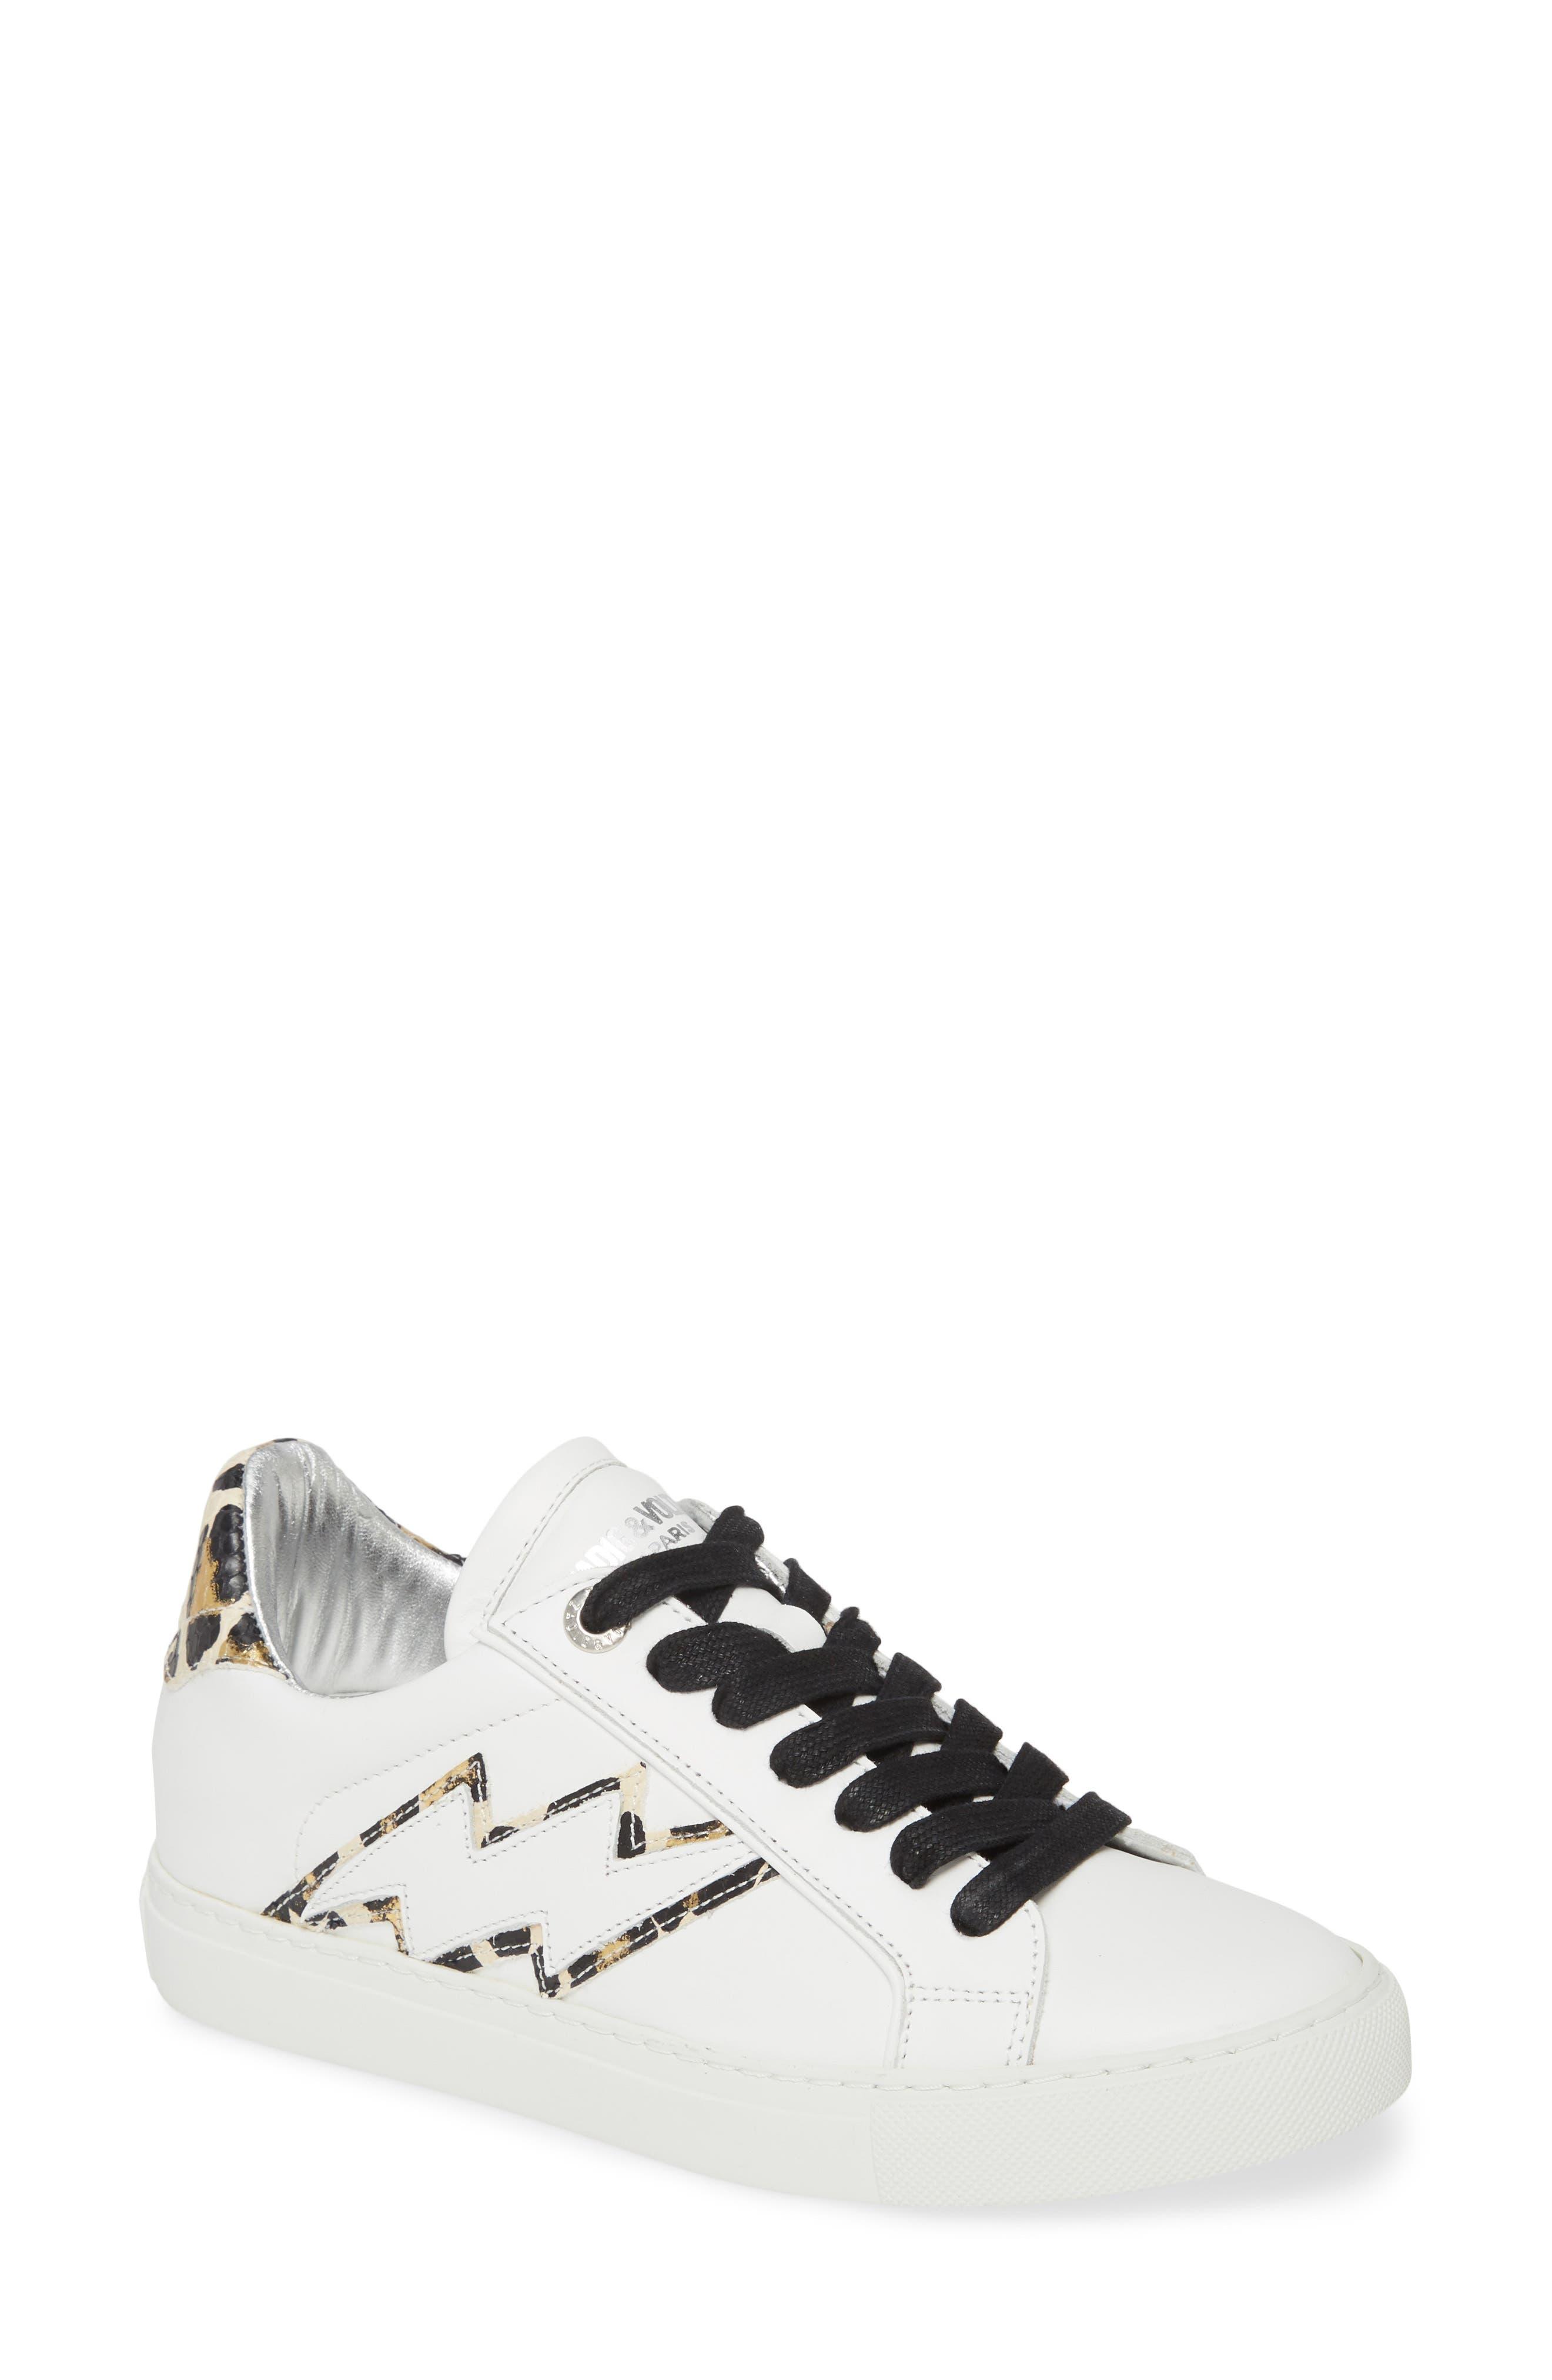 Women's Zadig \u0026 Voltaire Shoes | Nordstrom